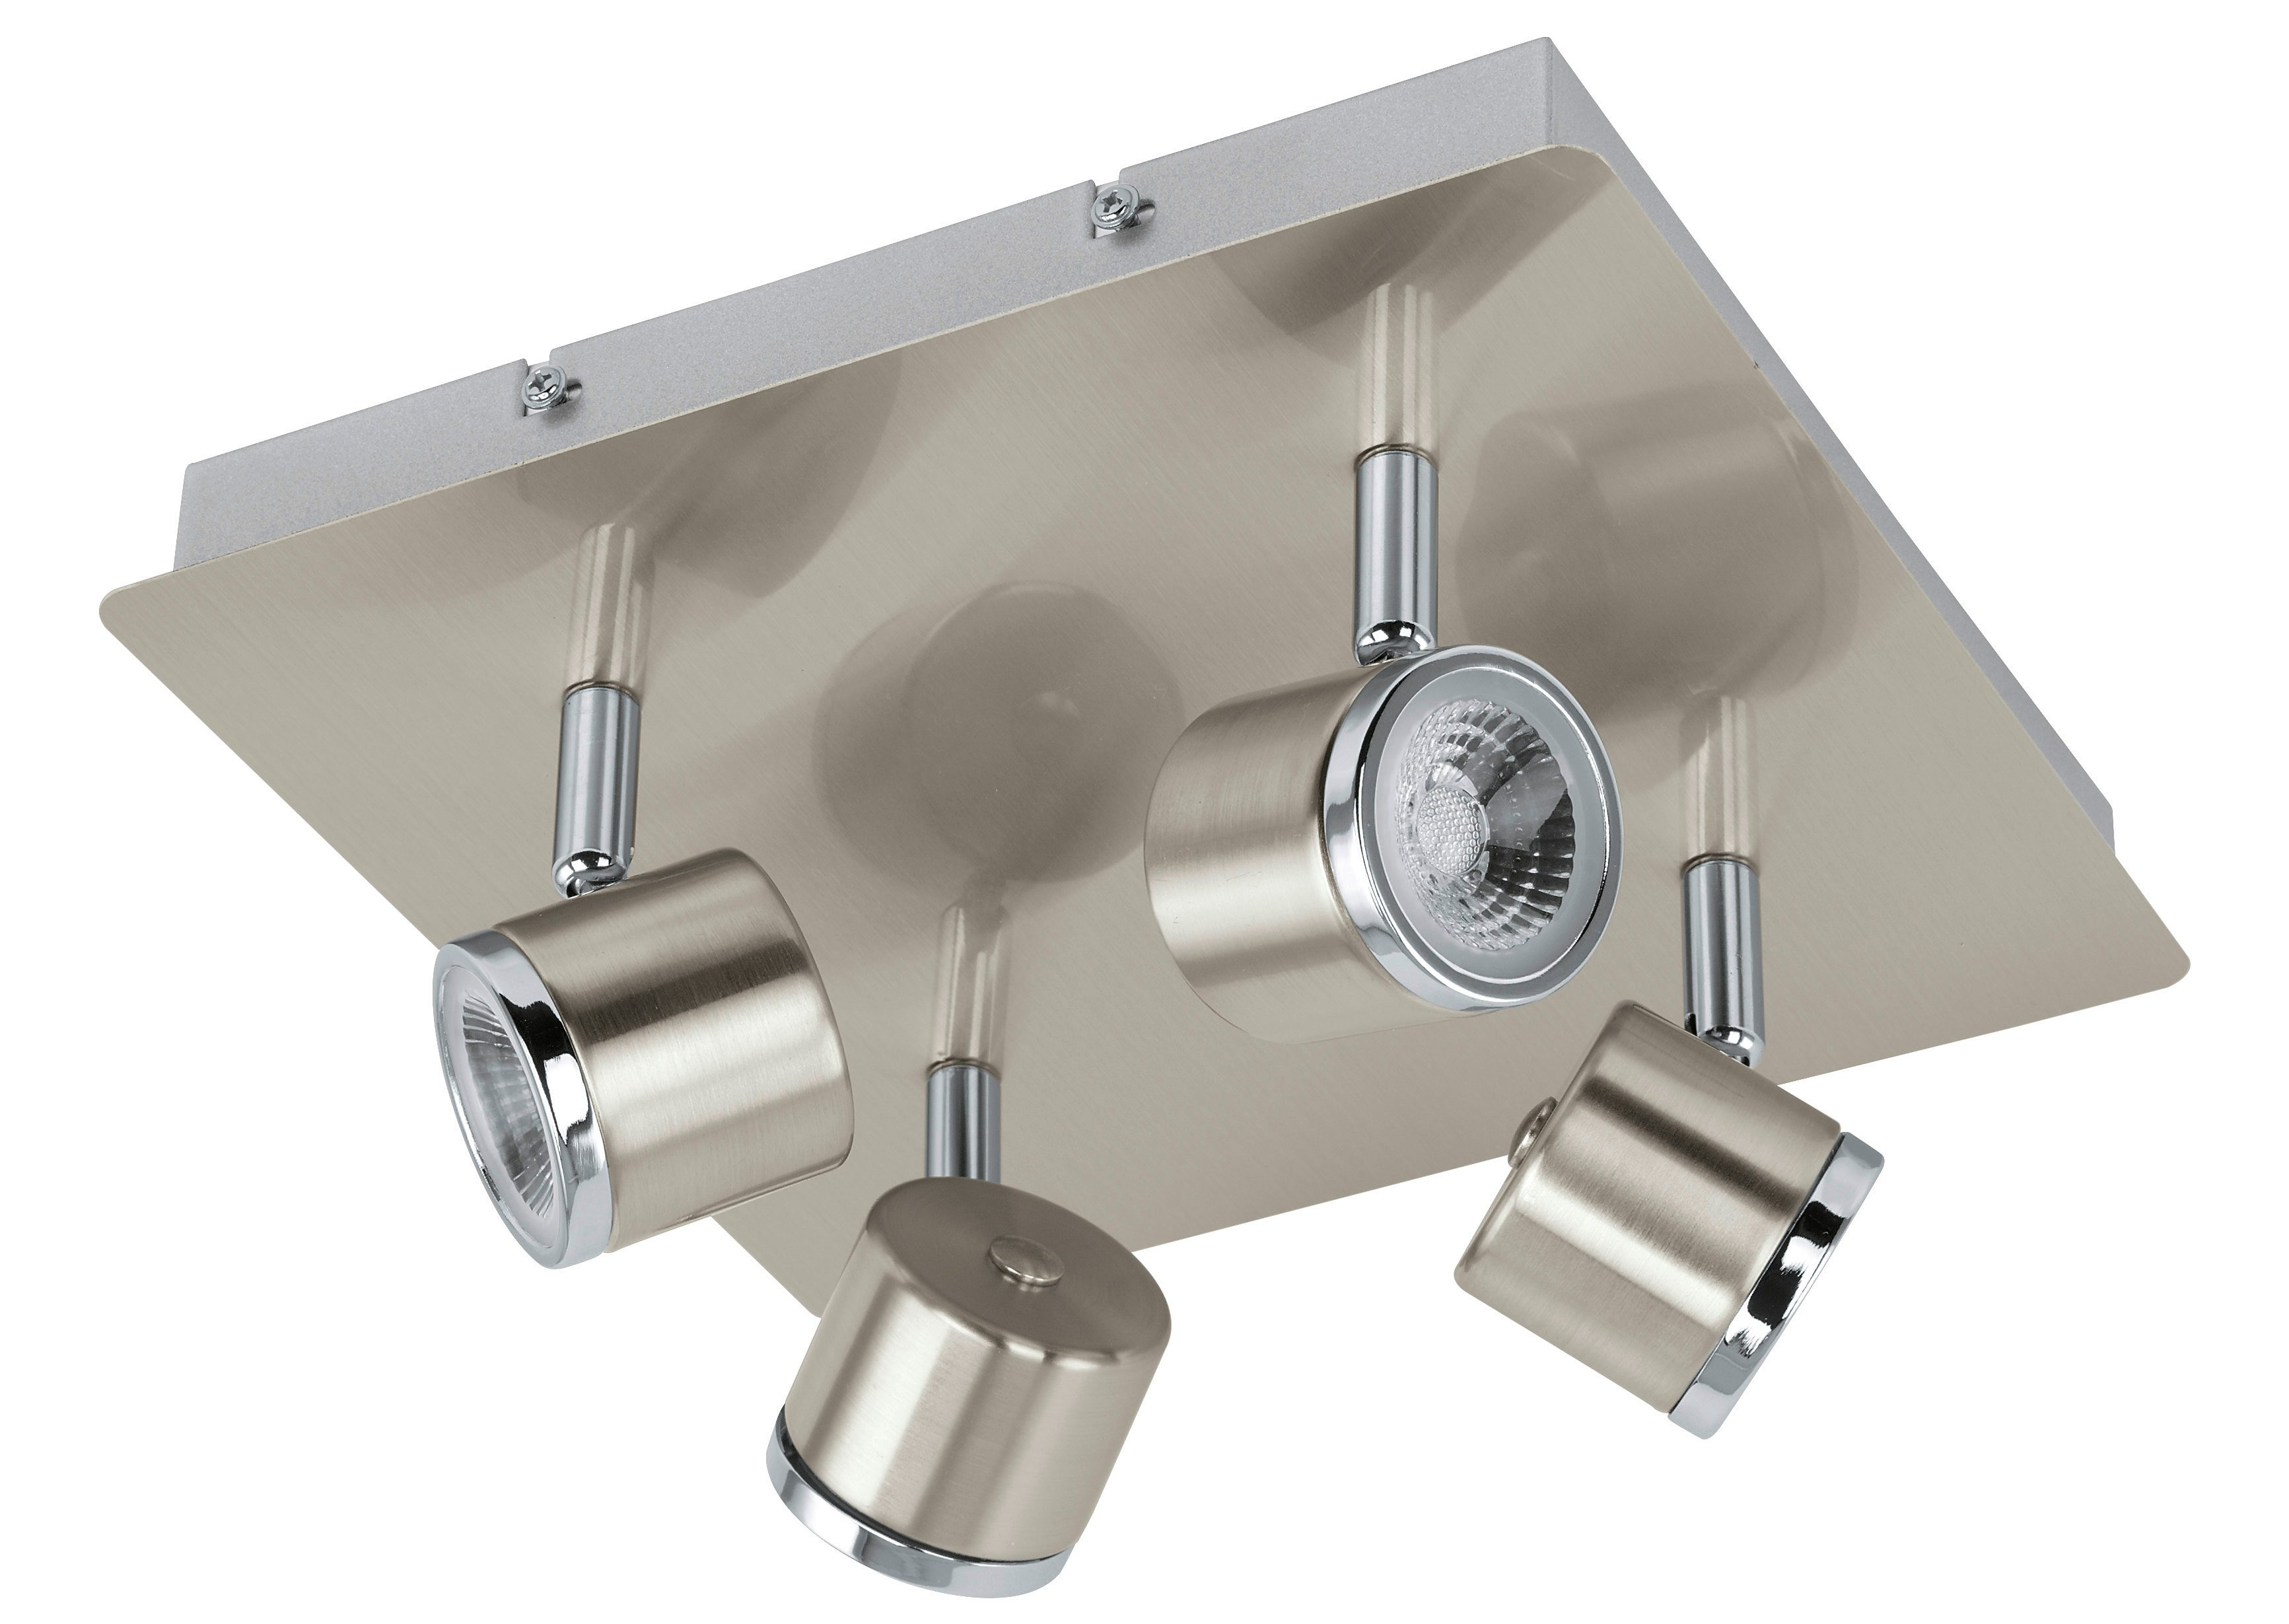 EGLO LED Deckenleuchte PIERINO, LED-Board, Warmweiß, LED tauschbar